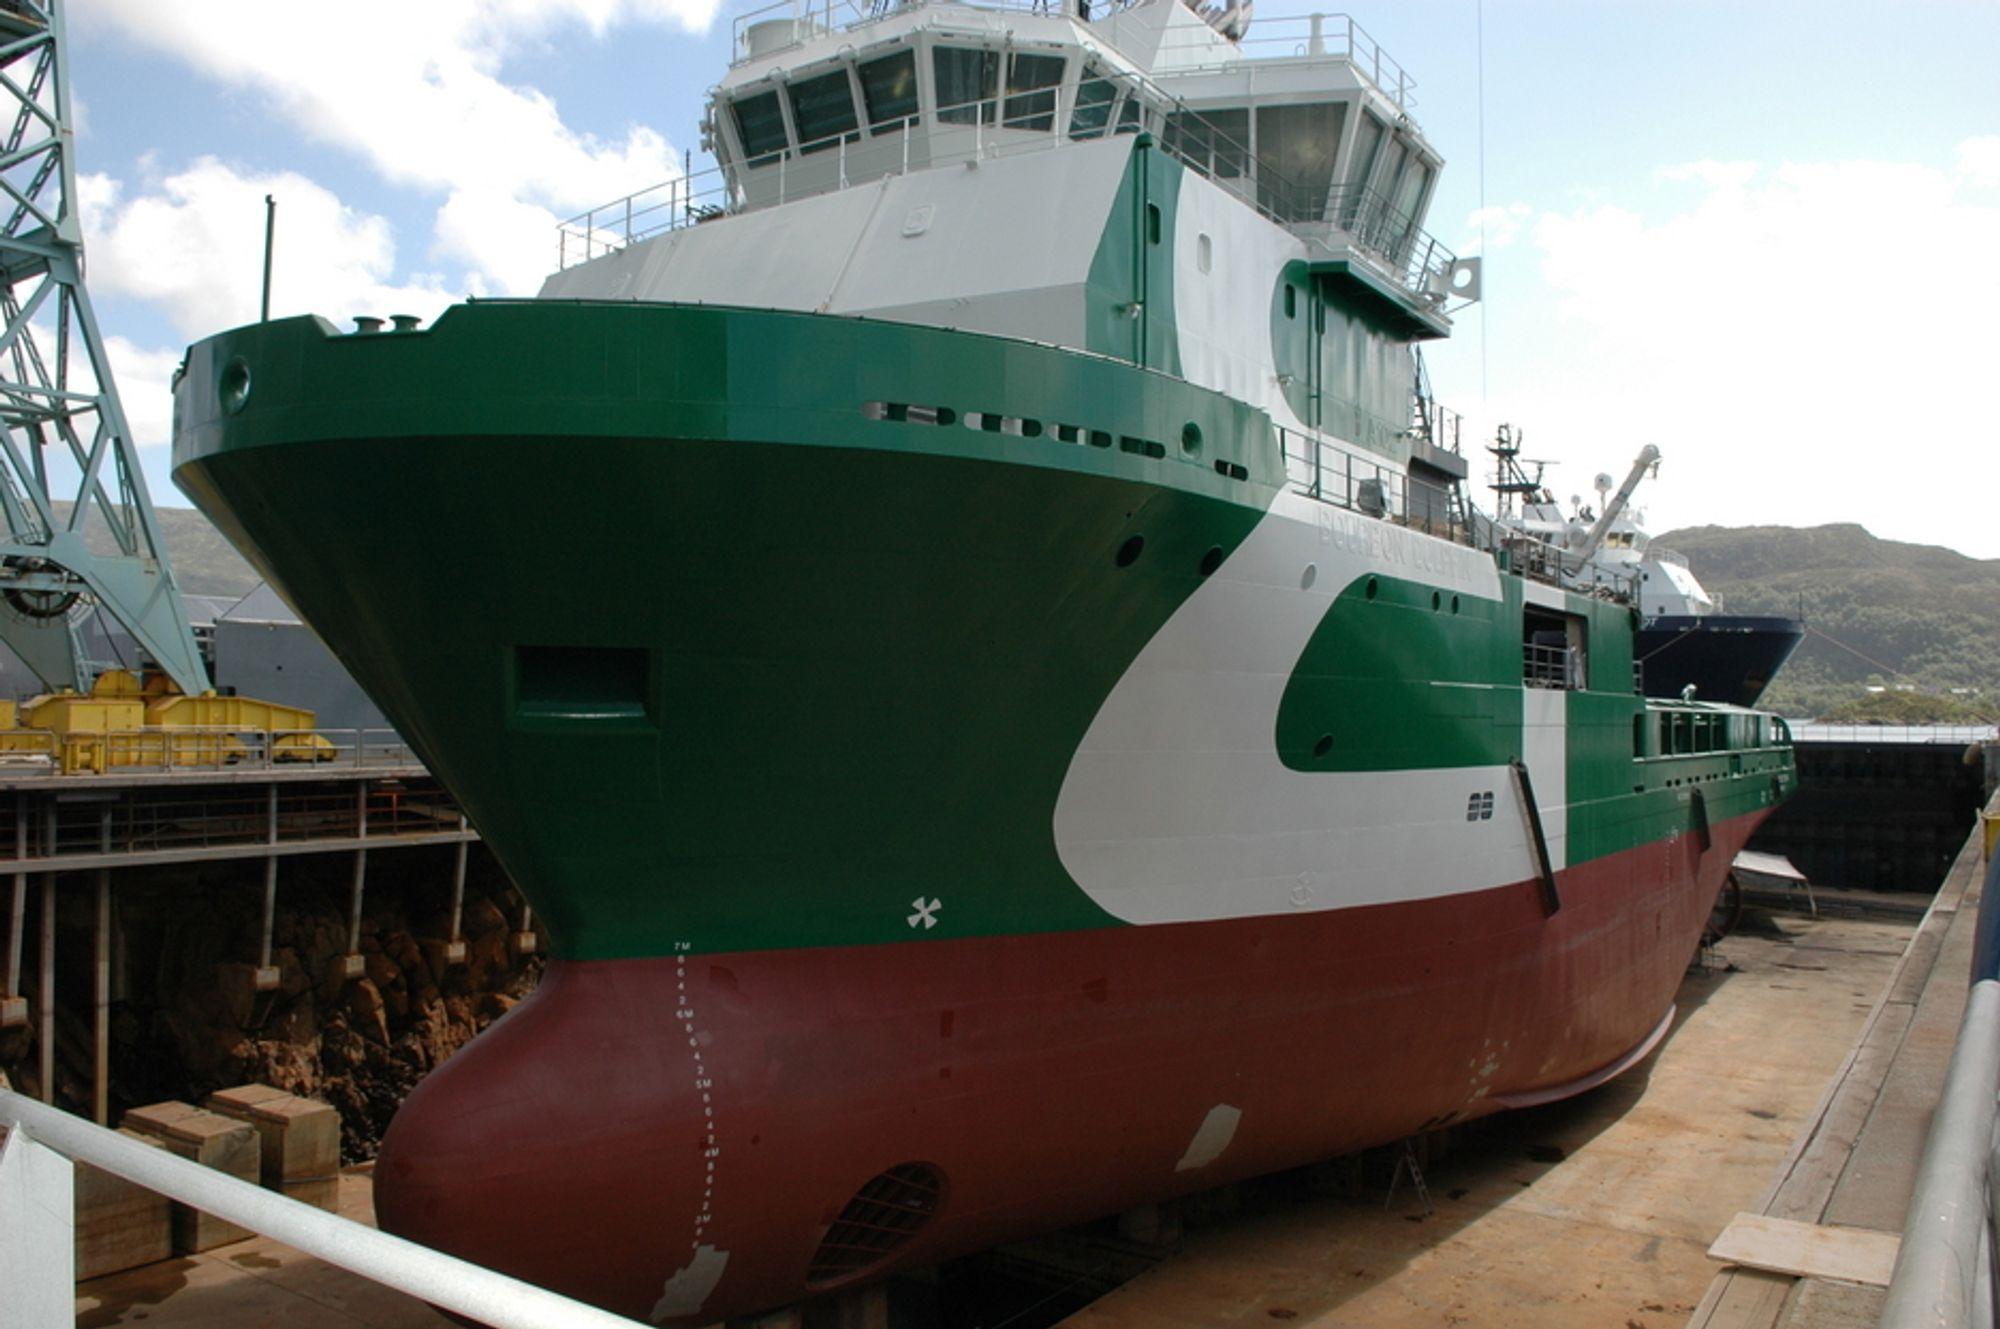 Bourbon Dolphin i byggedokk på Ulstein Verft i juni 2006. I oktober samme år ble skipet døpt og overlevert Bourbon Offshore Norway, og i april 2007 kantret det.